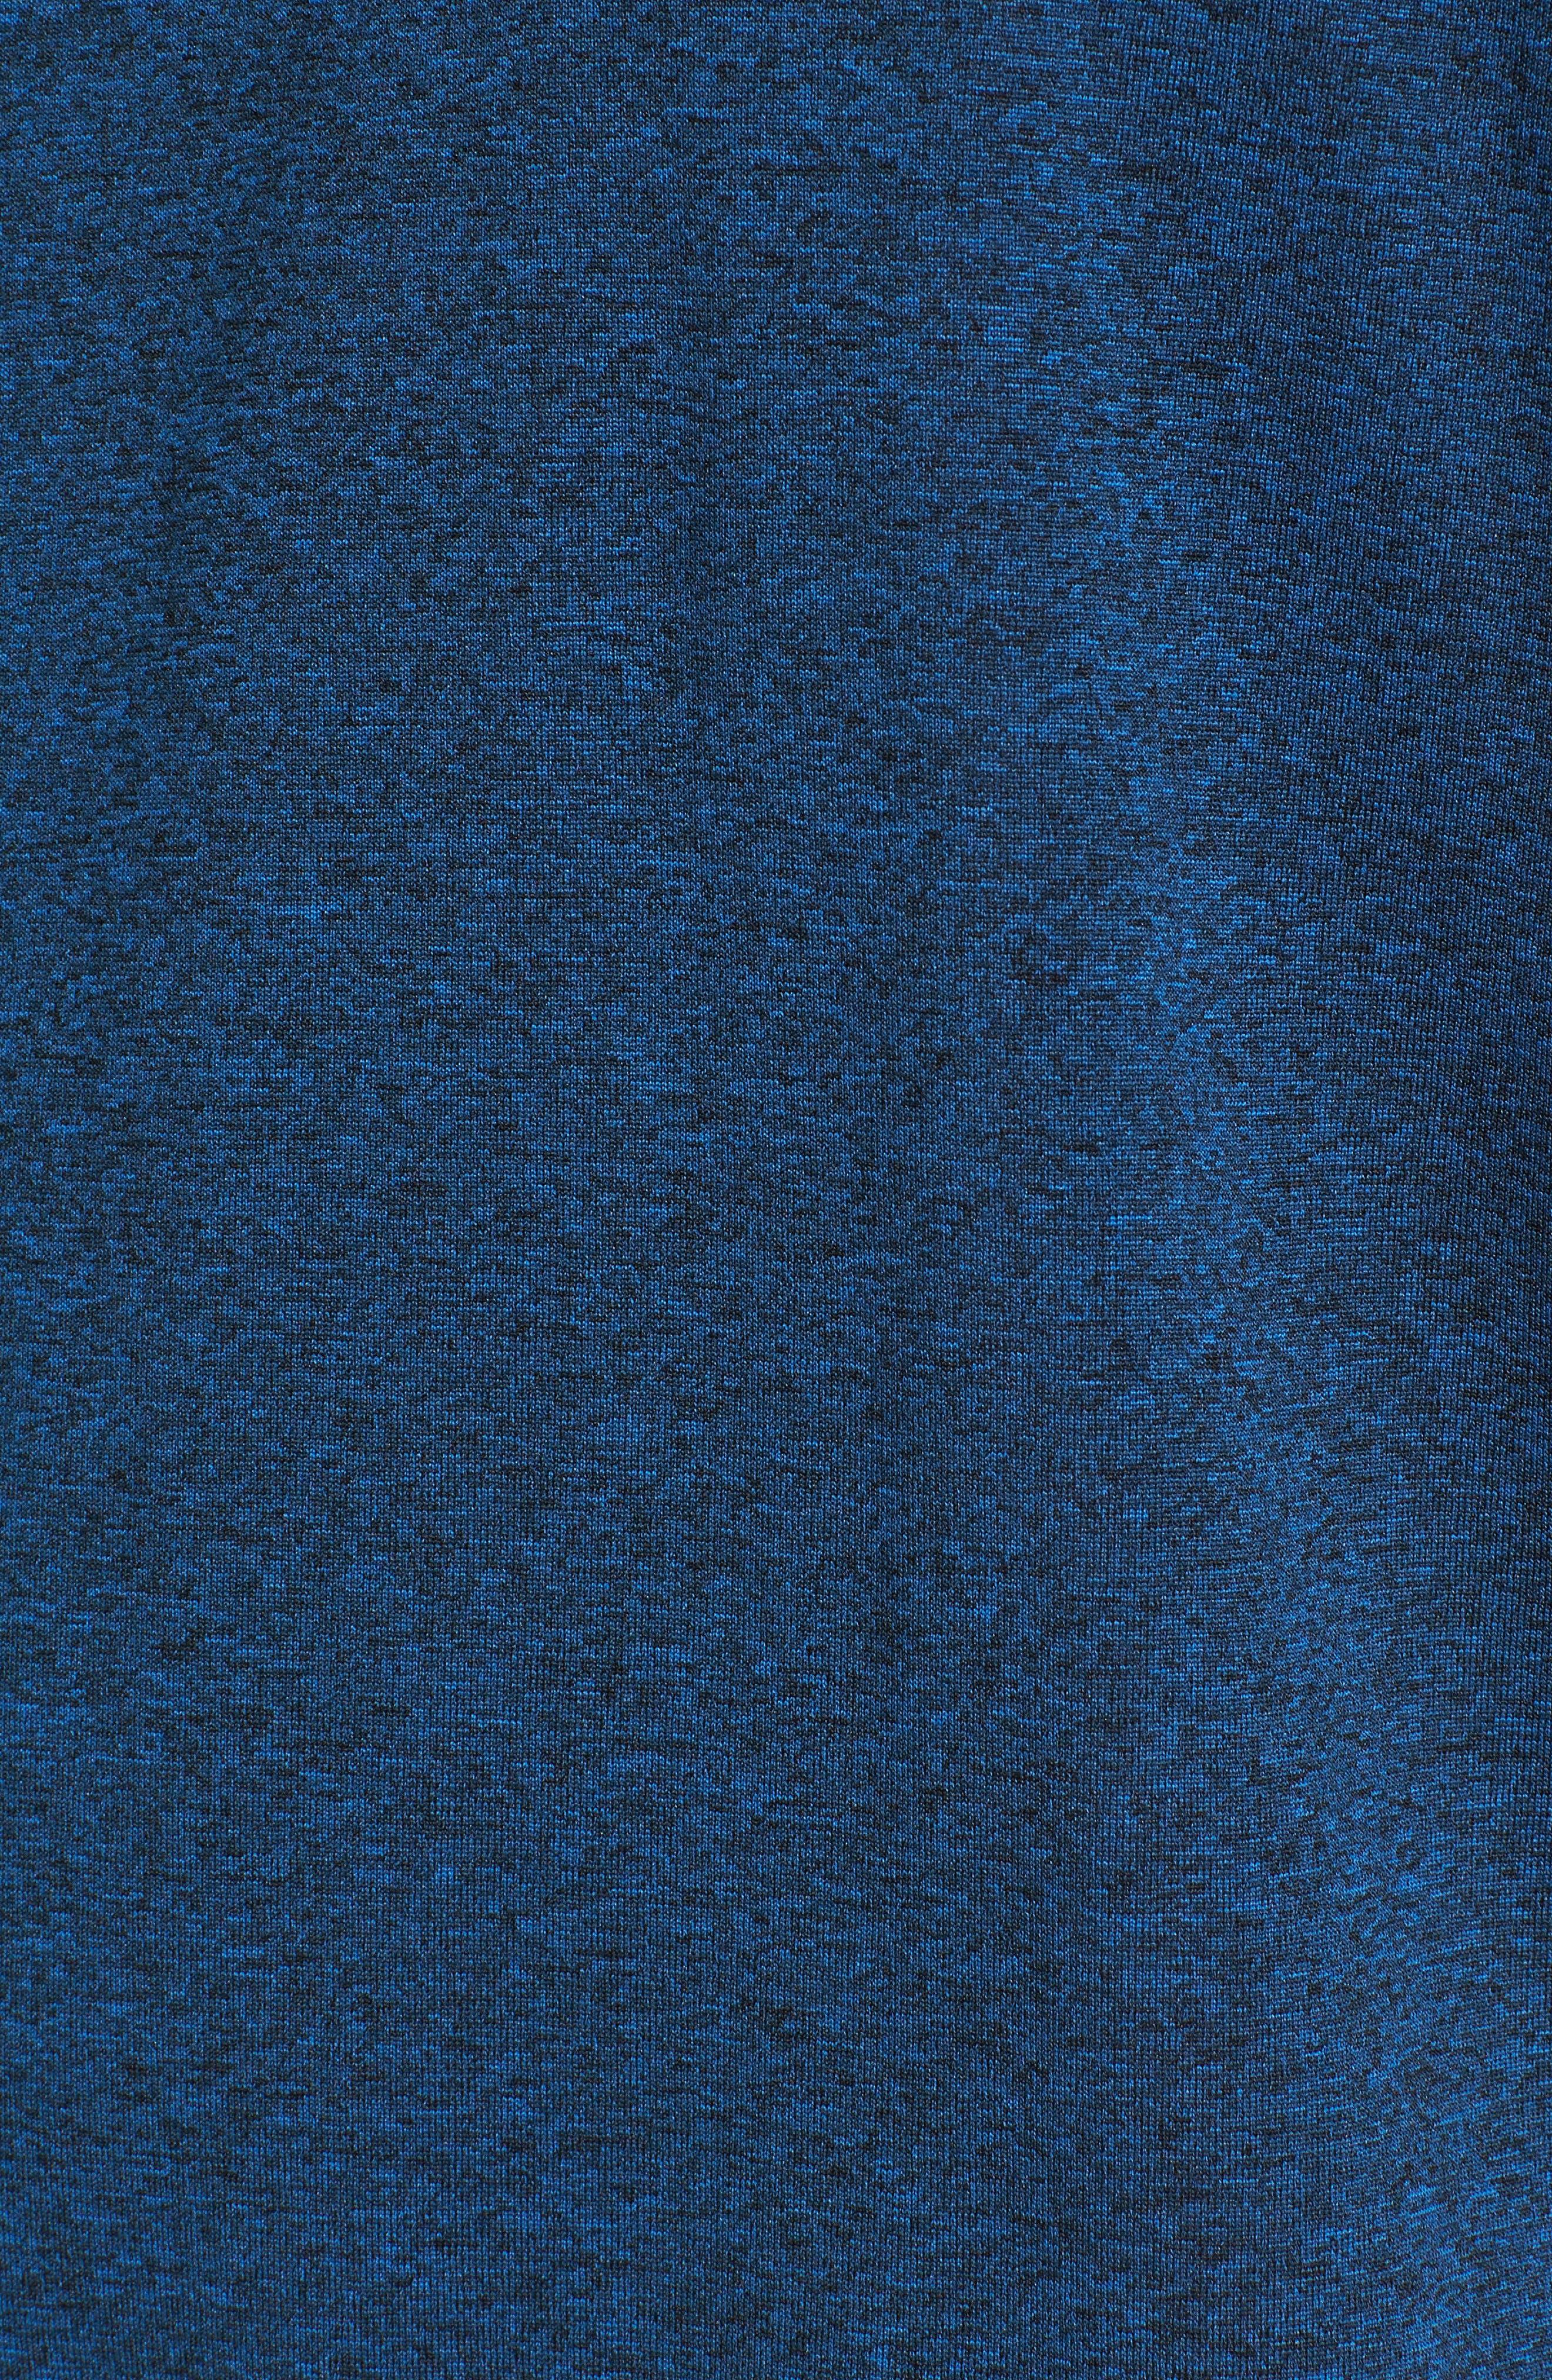 Goodsport Mesh Panel T-Shirt,                             Alternate thumbnail 5, color,                             LAPIS BLUE/ BLACK HEATHER